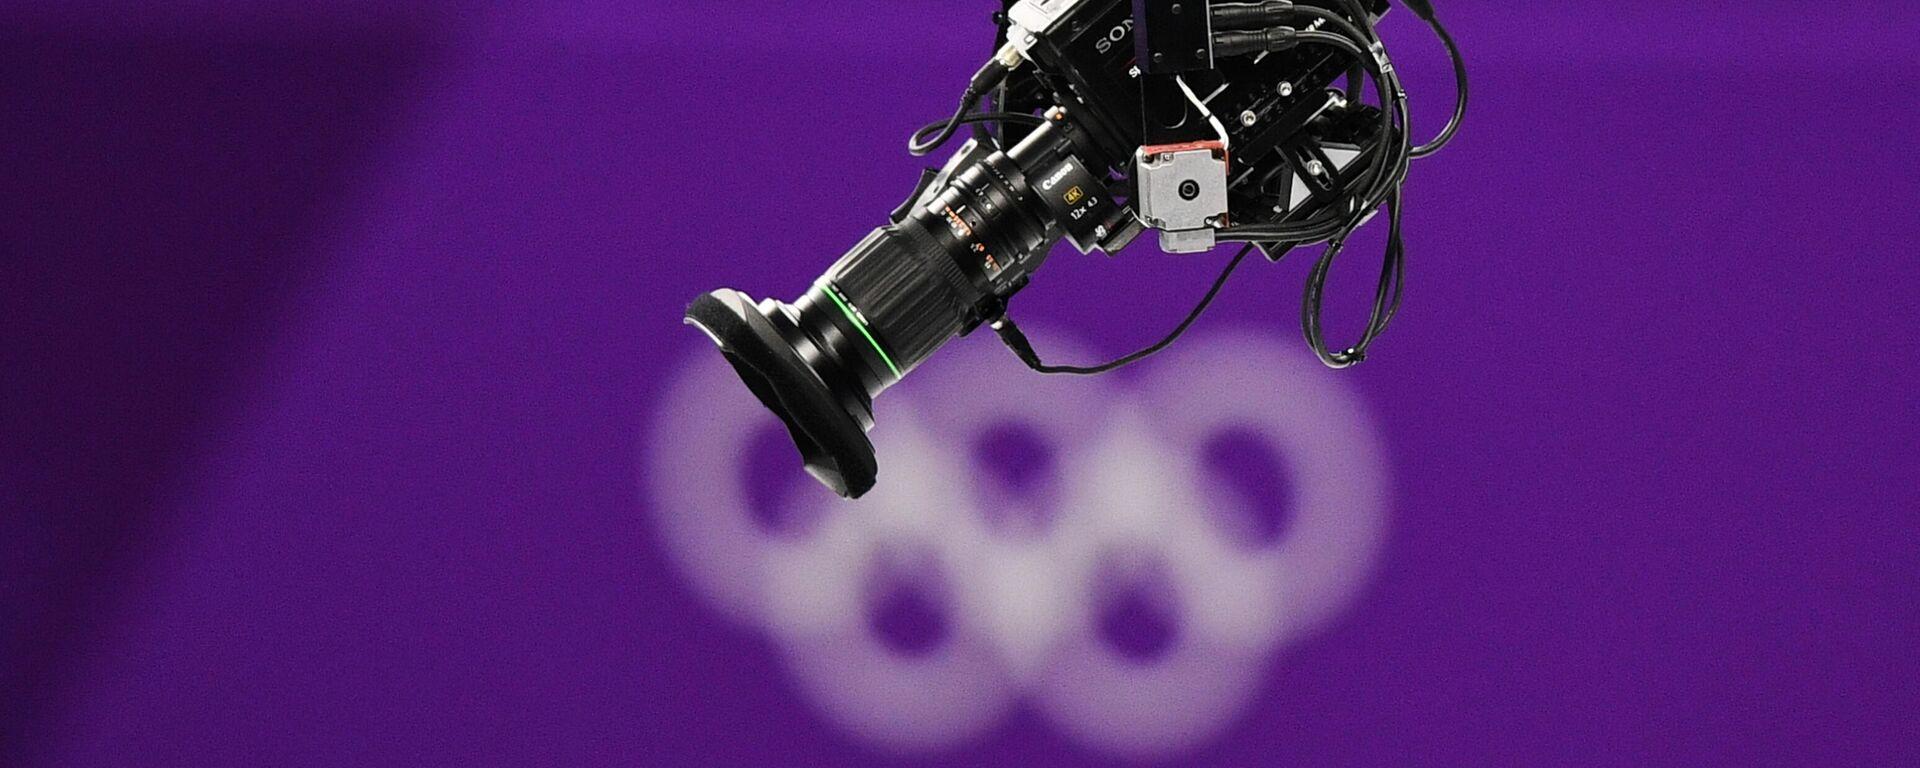 Κάμερα Ολυμπιακοί Αγώνες - Sputnik Ελλάδα, 1920, 23.07.2021